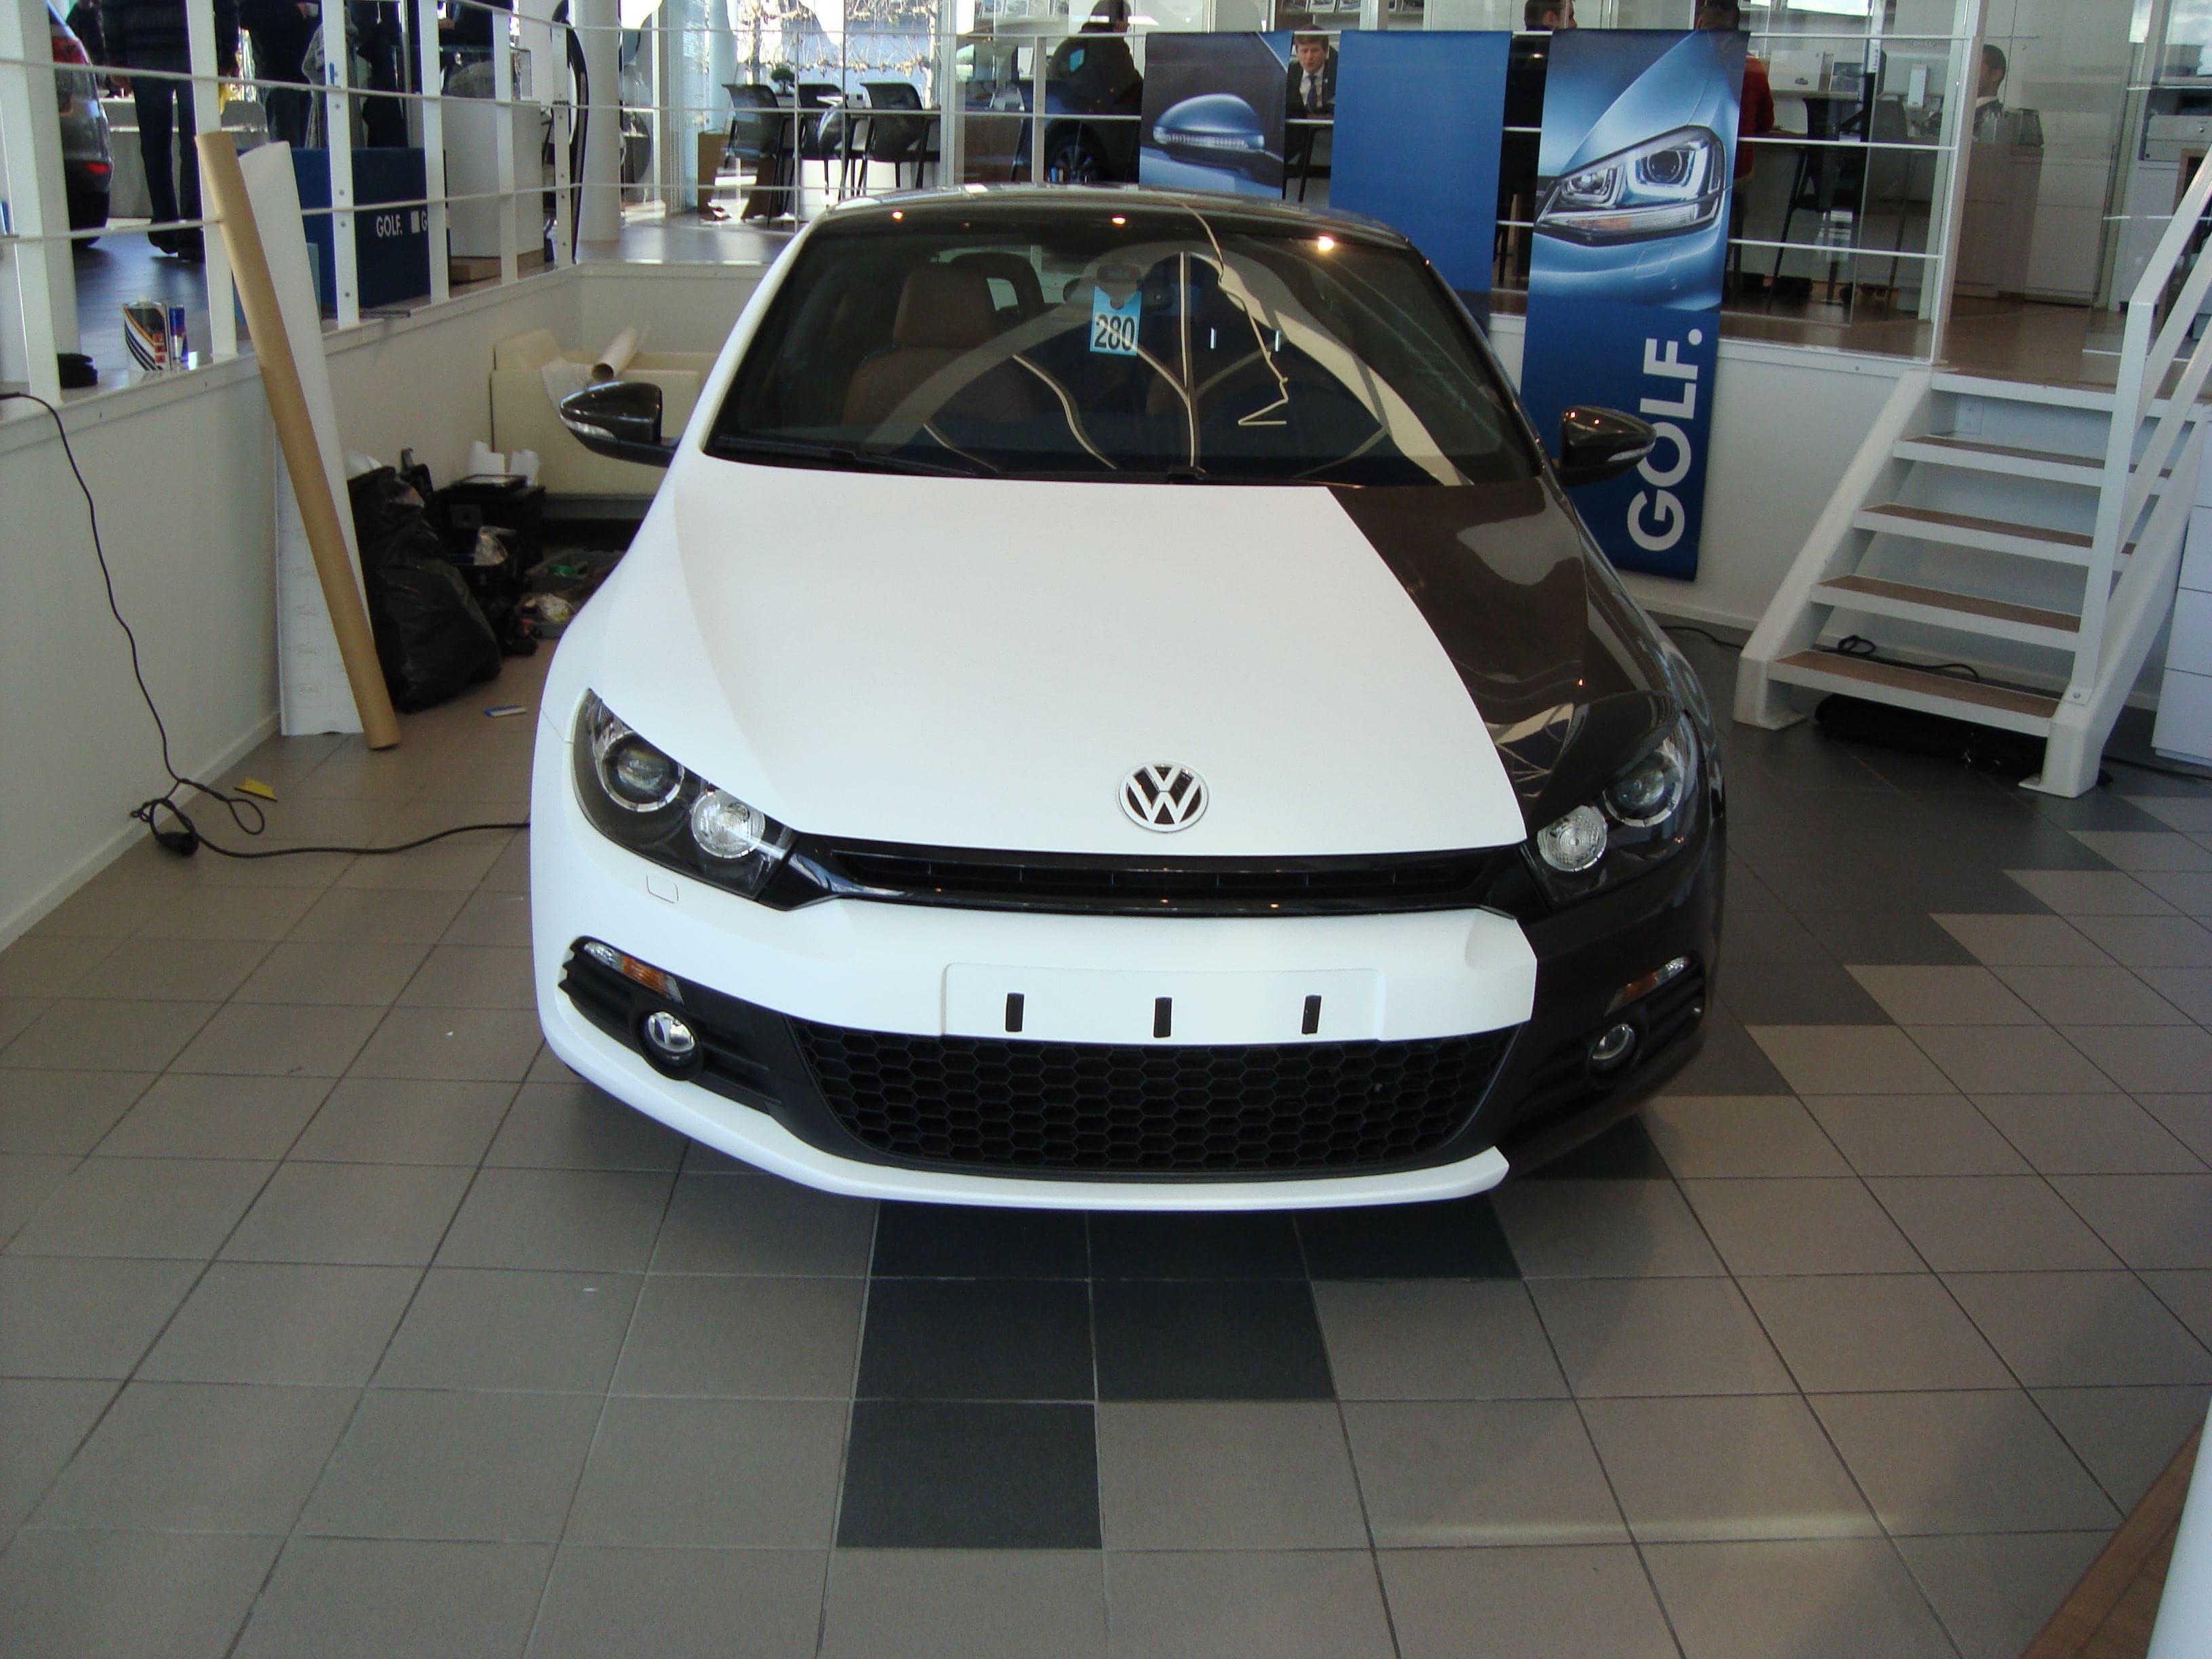 Volkswagen Scirocco met Halve Wrap in Zwart Wit, Carwrapping door Wrapmyride.nu Foto-nr:7042, ©2021